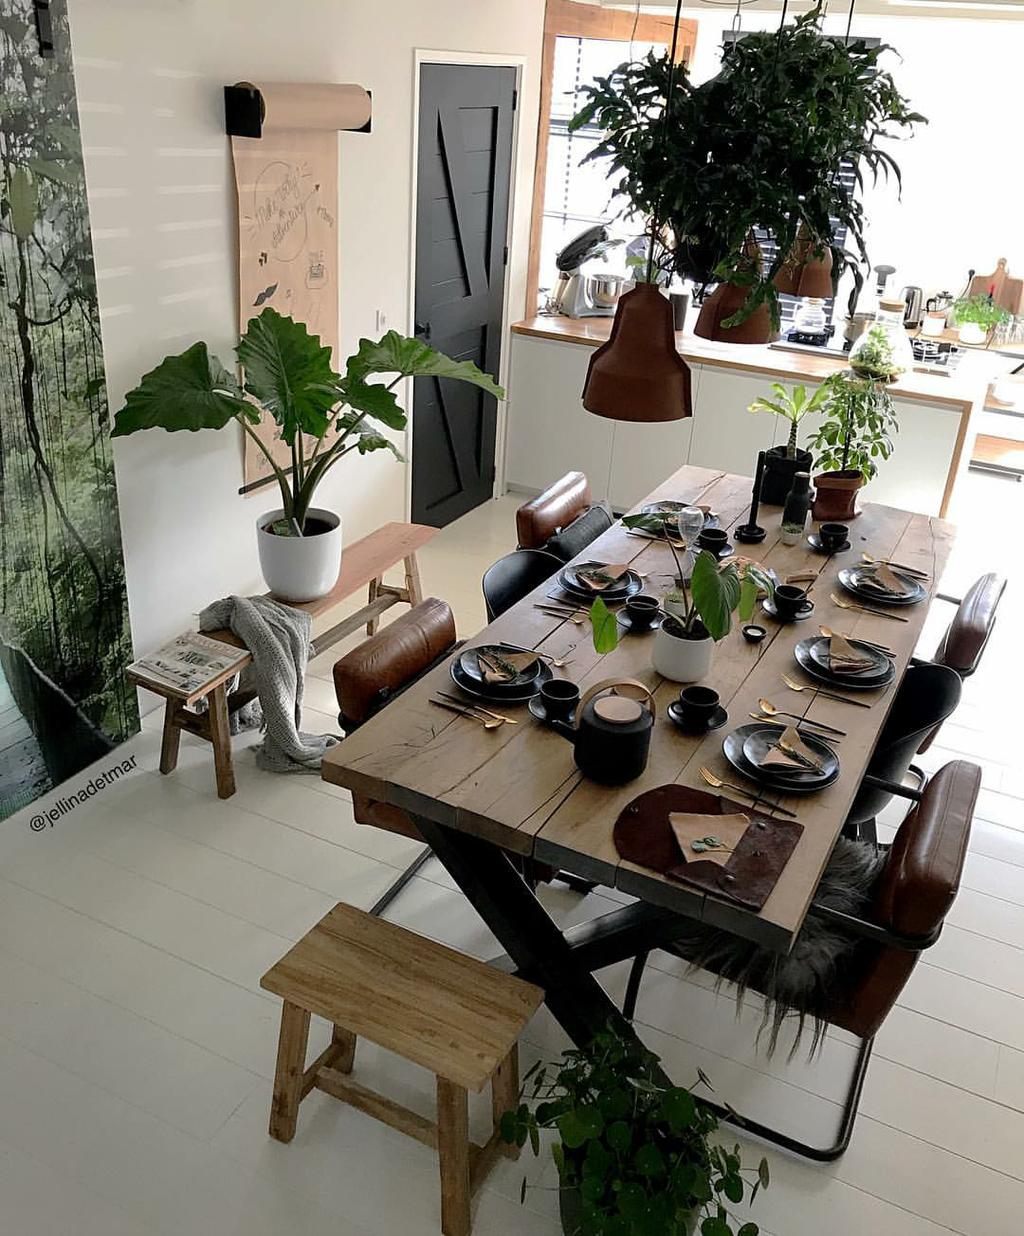 Ideias para transformar sua casa em um lugar fantástico de viver